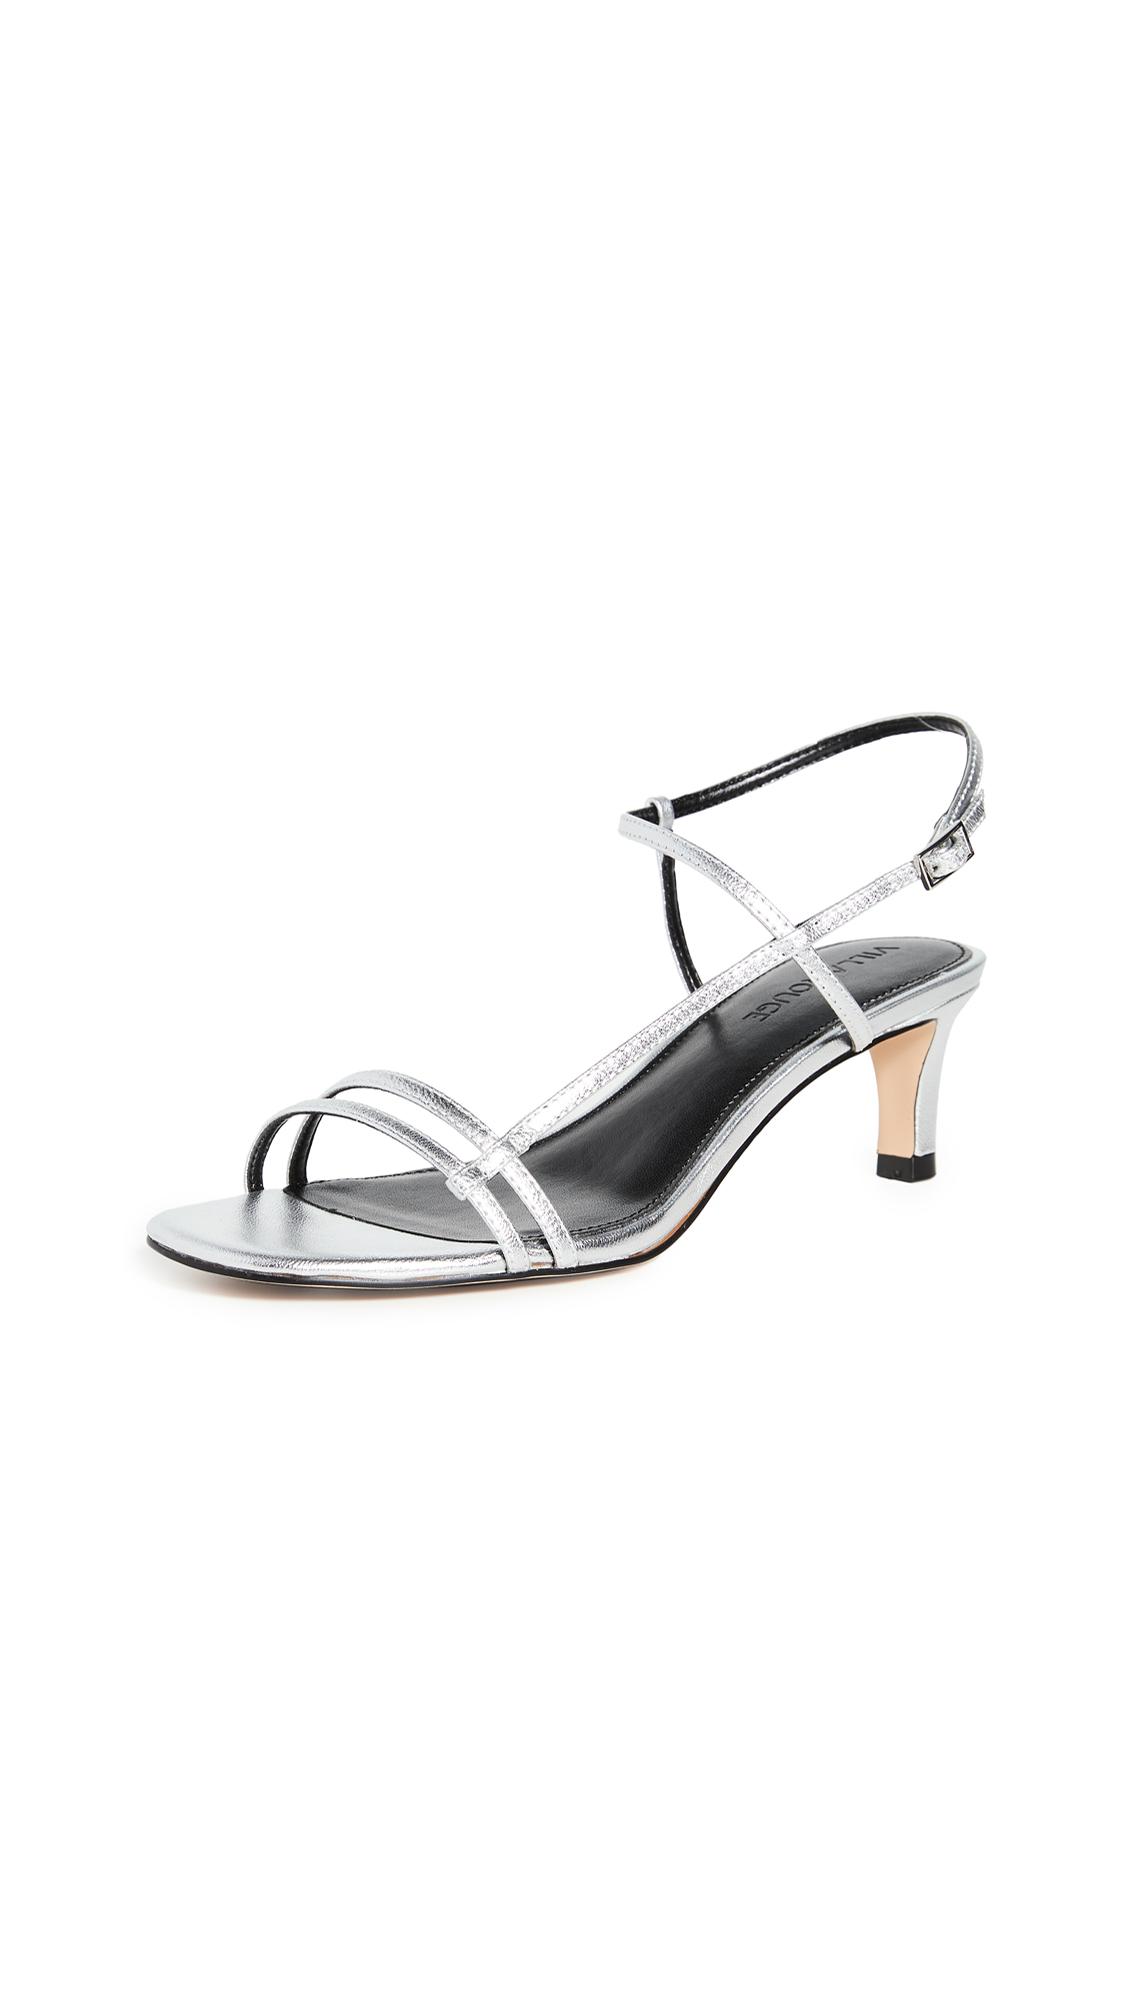 Buy Villa Rouge Desi Sandals online, shop Villa Rouge